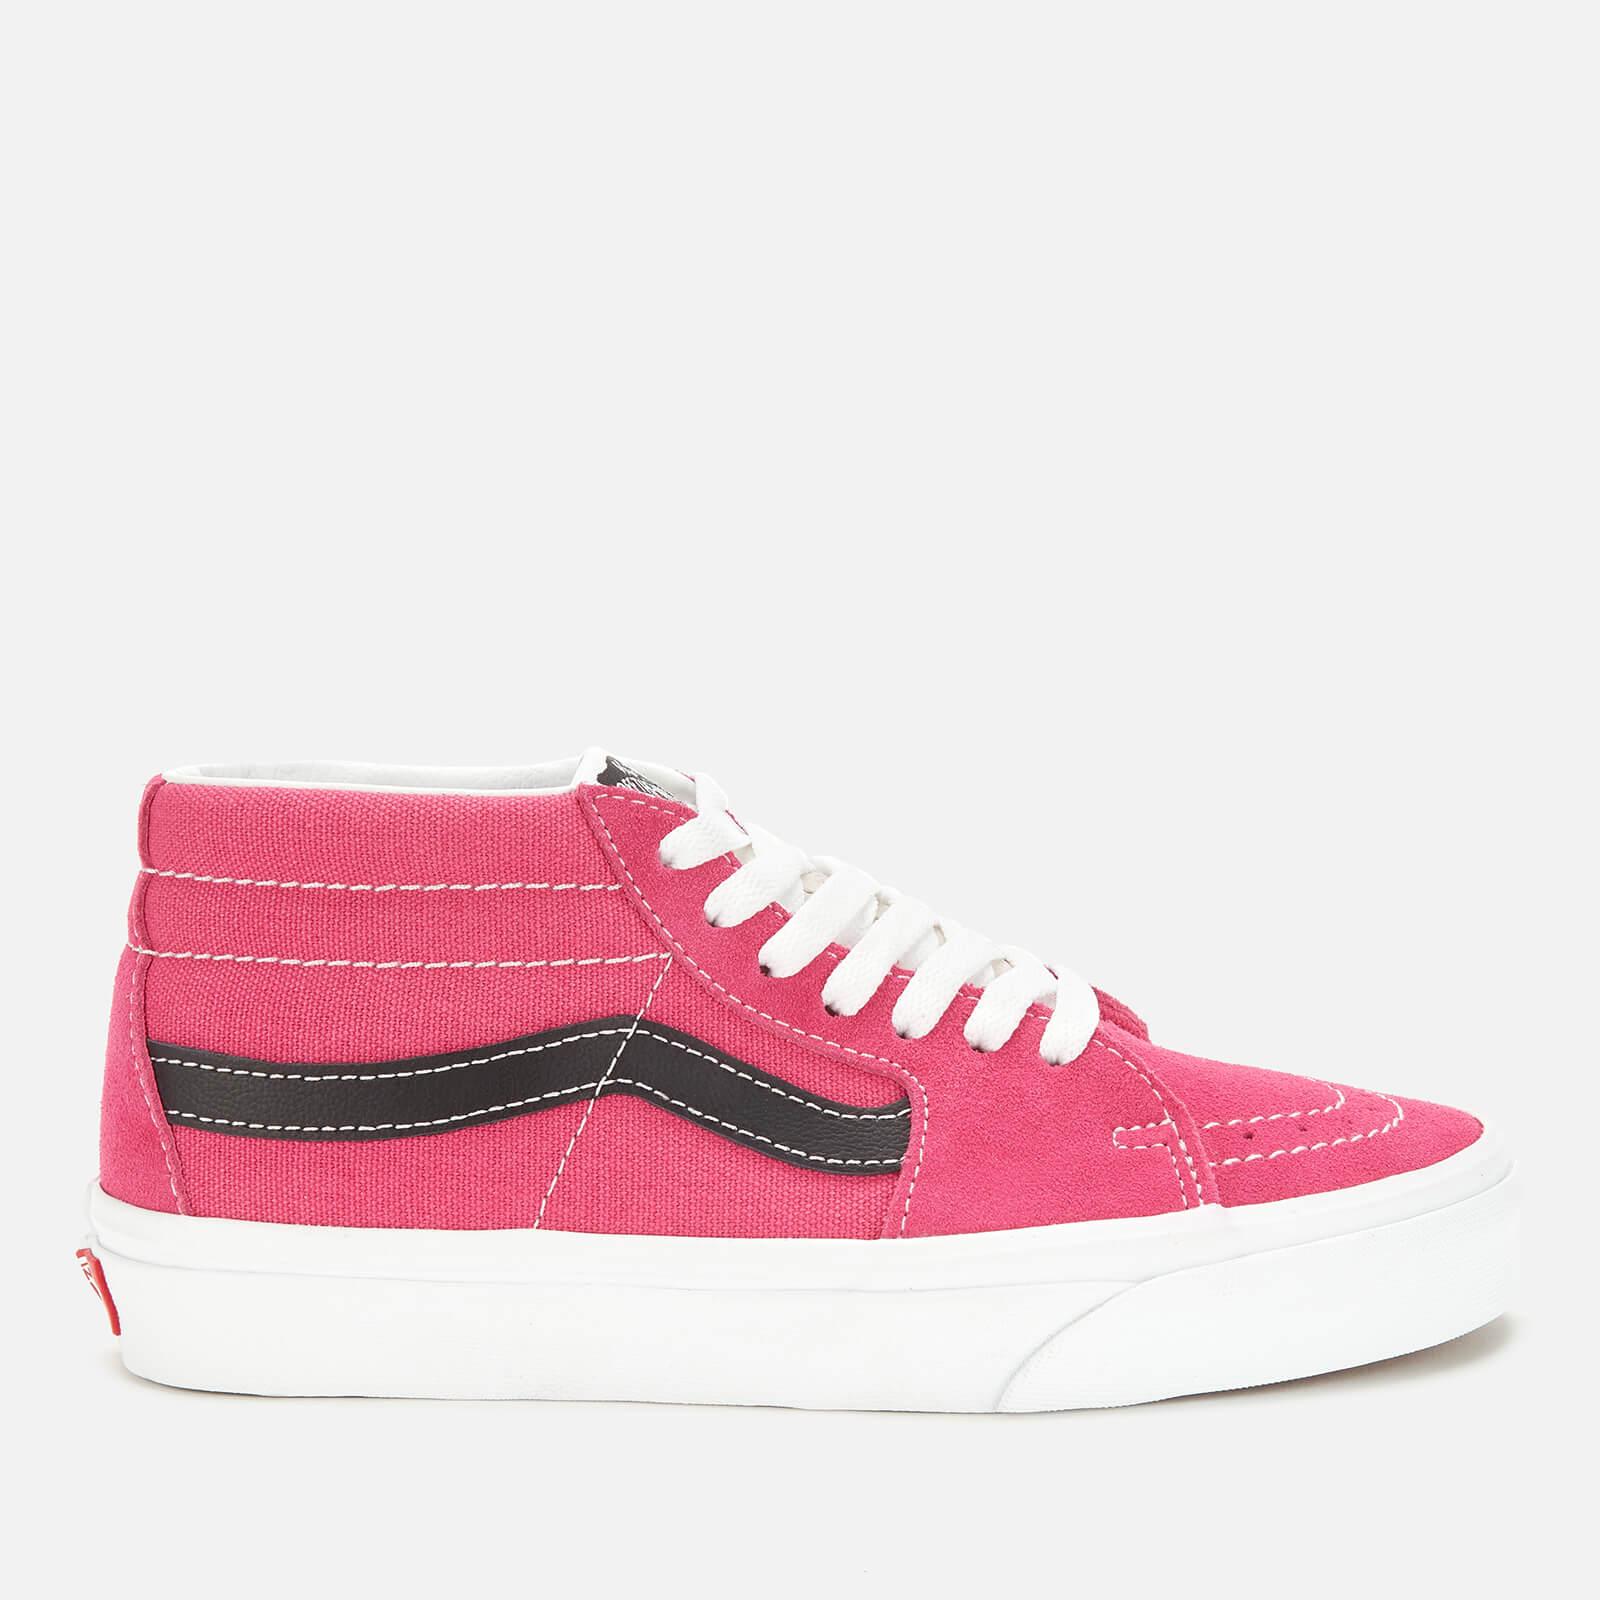 Vans 女士 Sk8-Mid 复古运动鞋